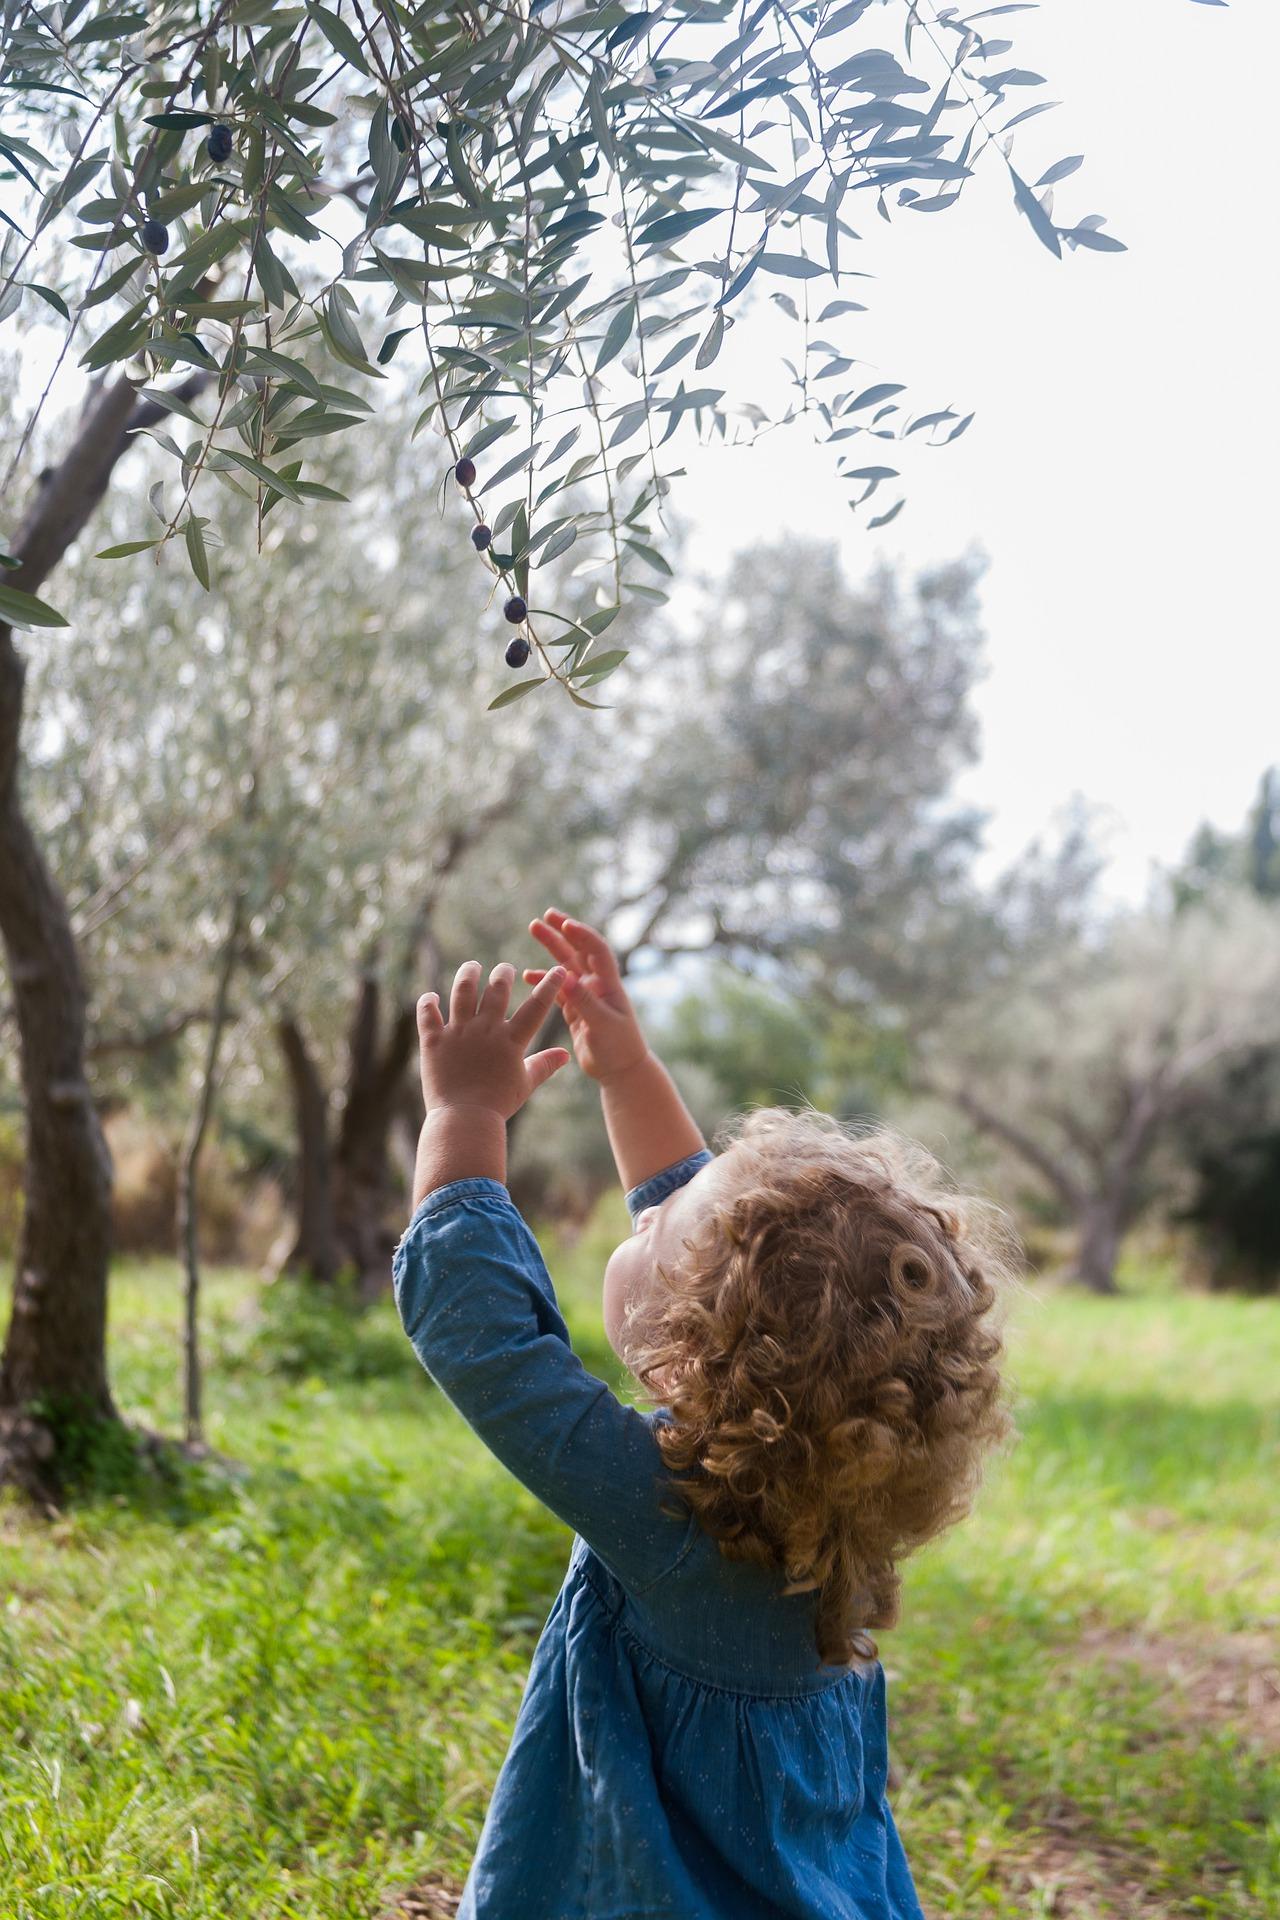 olives-4605423_1920